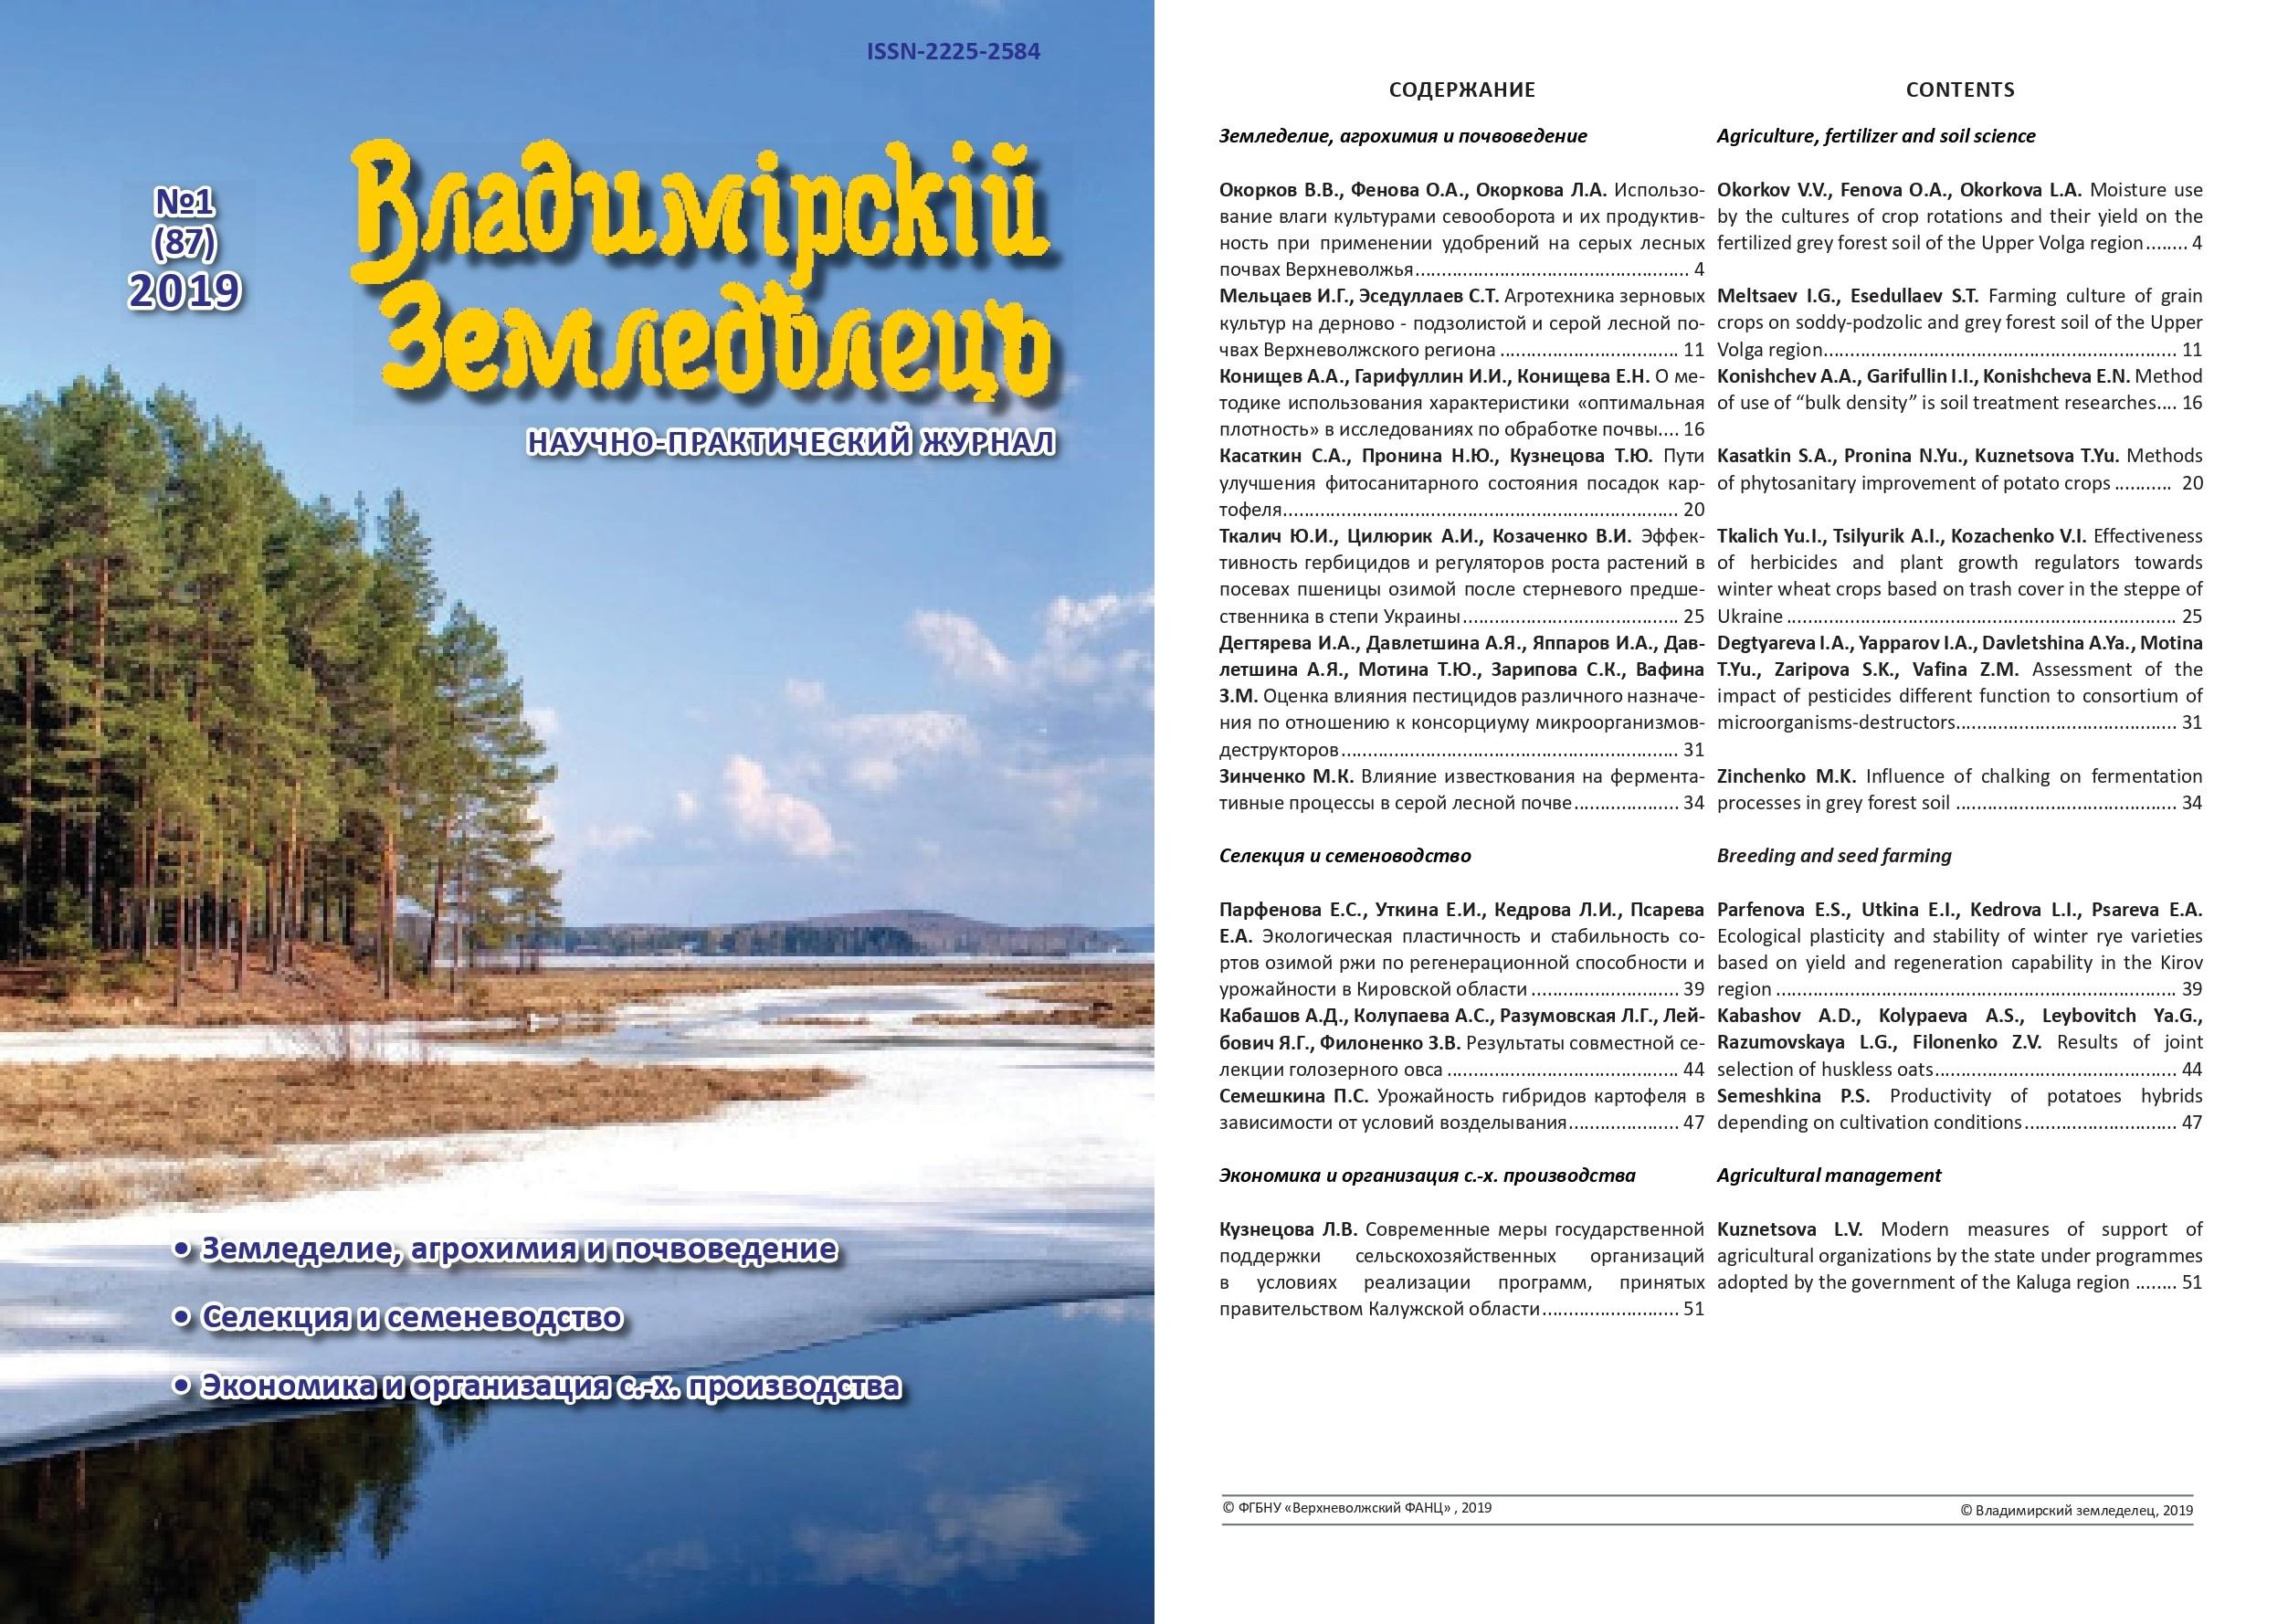 Владимирский земледелец 1(87) 2019